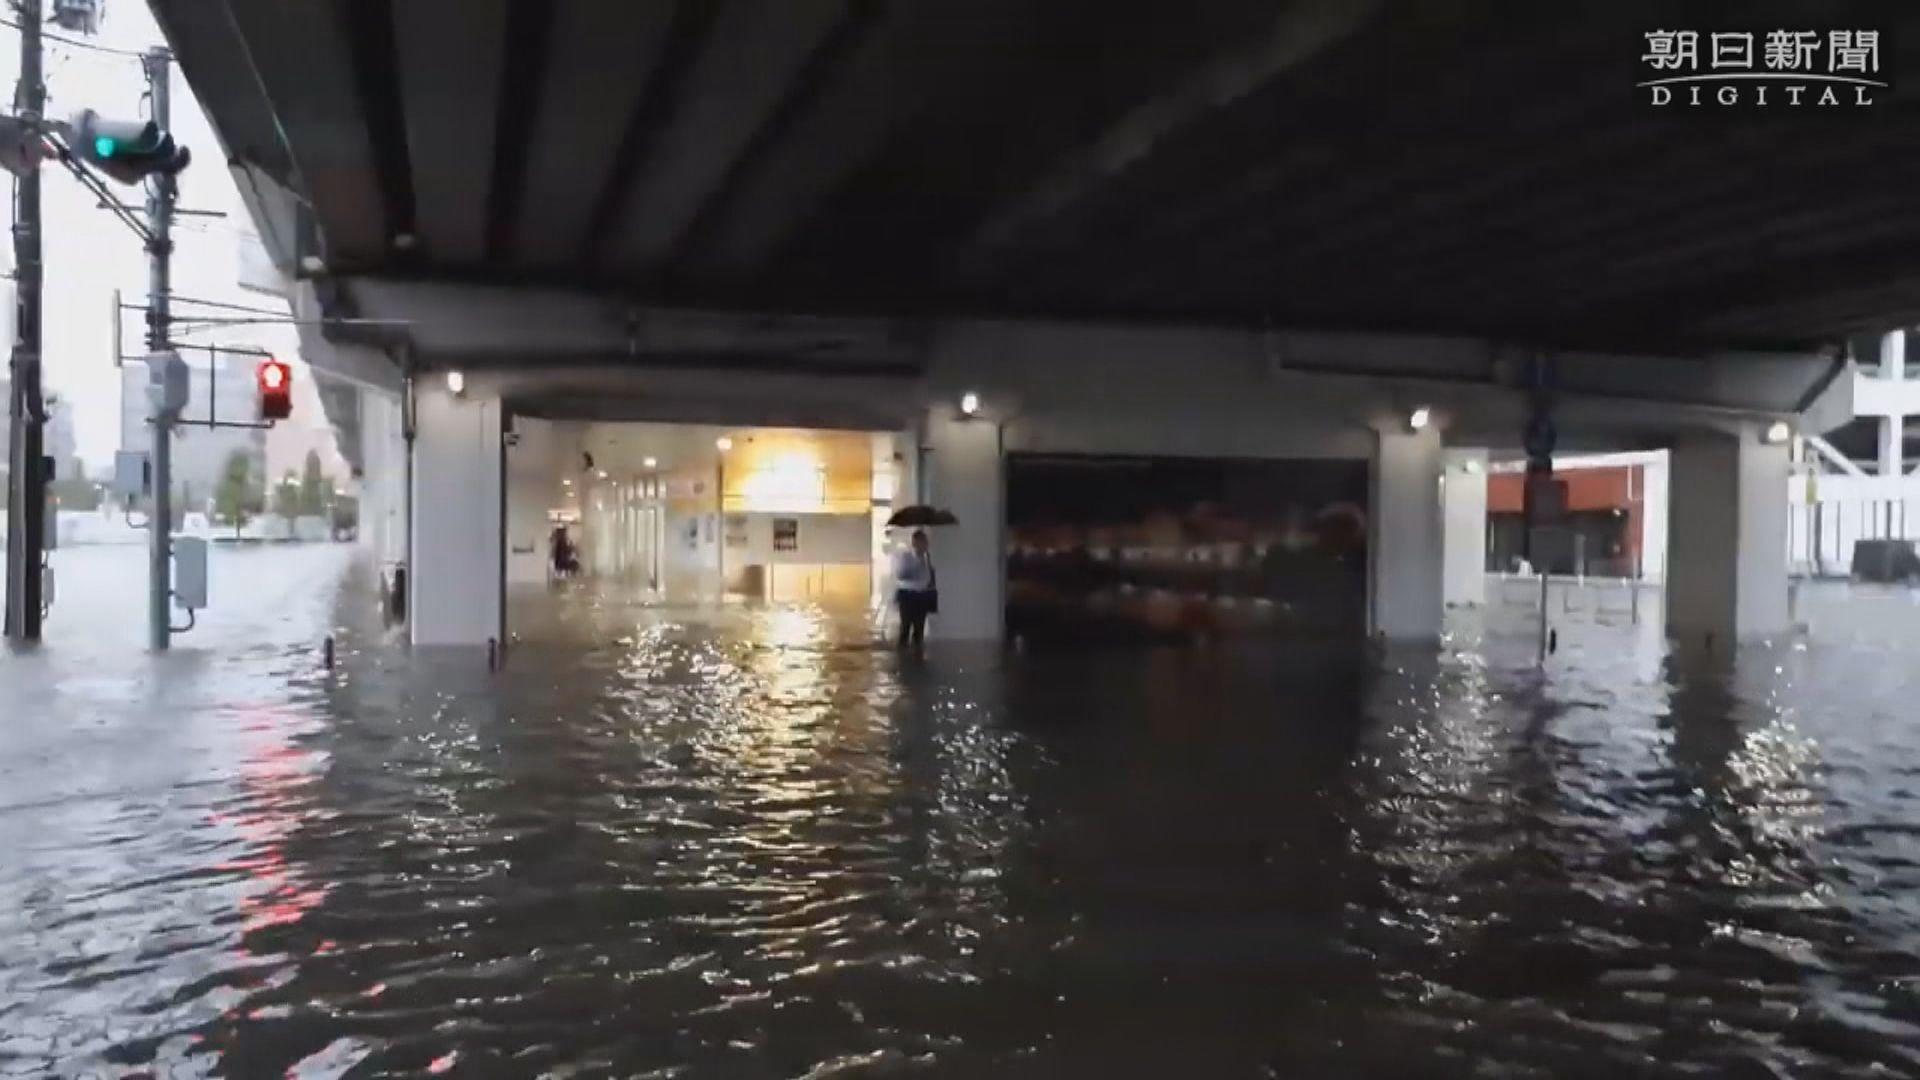 九州北部暴雨成災 當局下令160萬人疏散